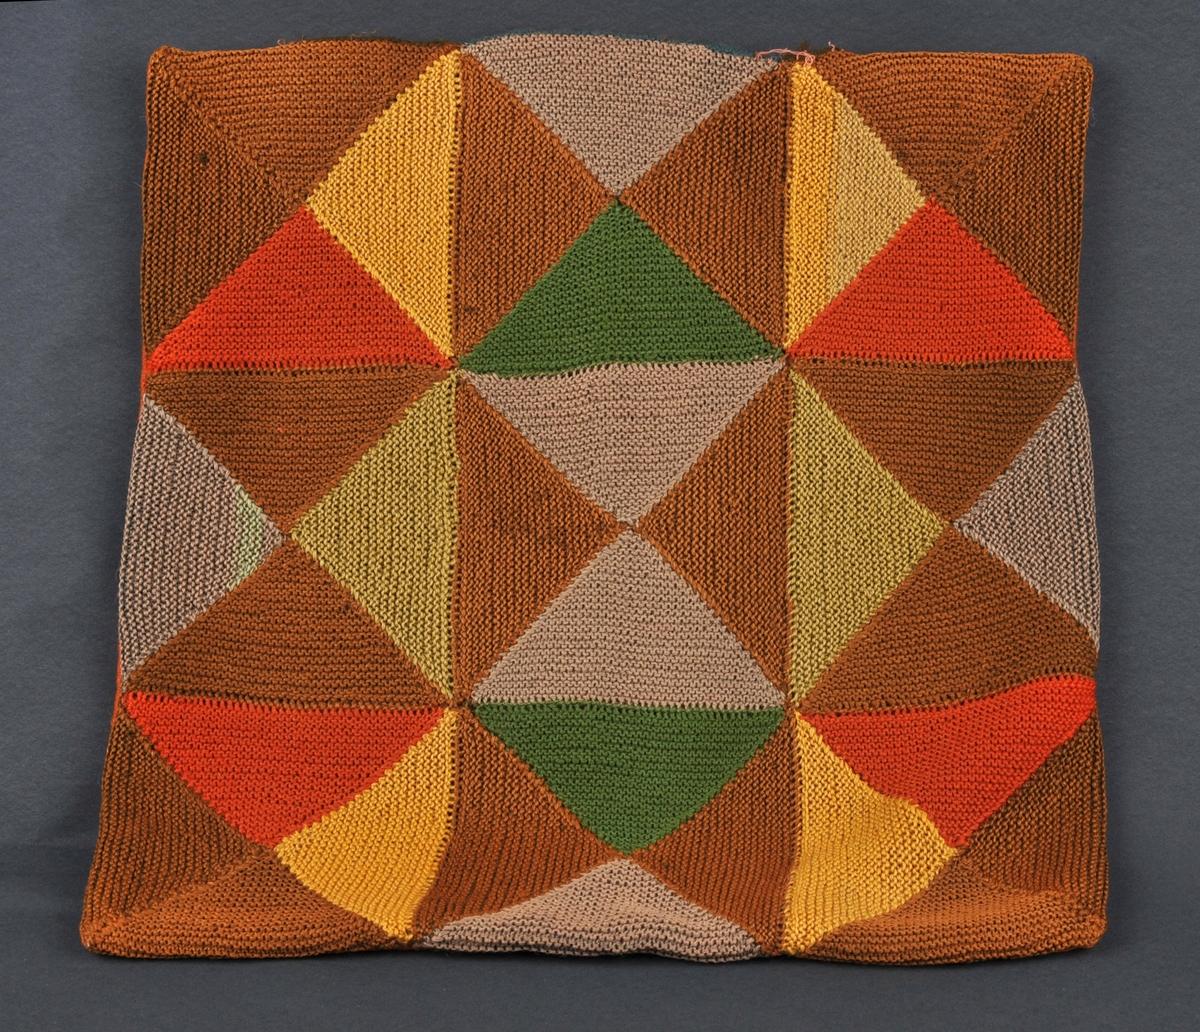 Oversida er sett saman av rettstrikka trekantar. Baksida er av rustfarga ulltøy.